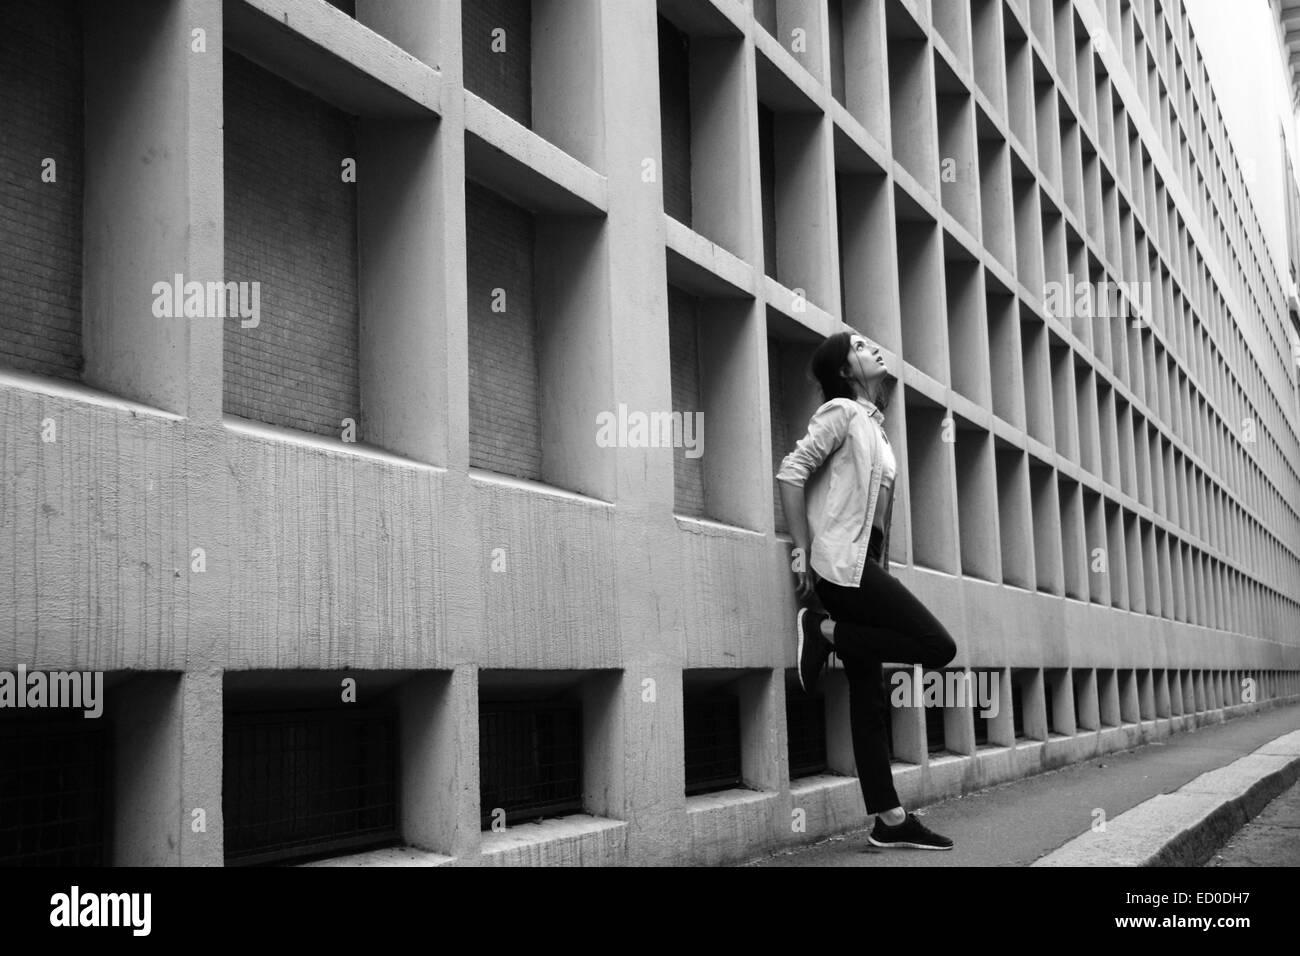 L'Italia, Milano, Donna appoggiata contro la parete Immagini Stock